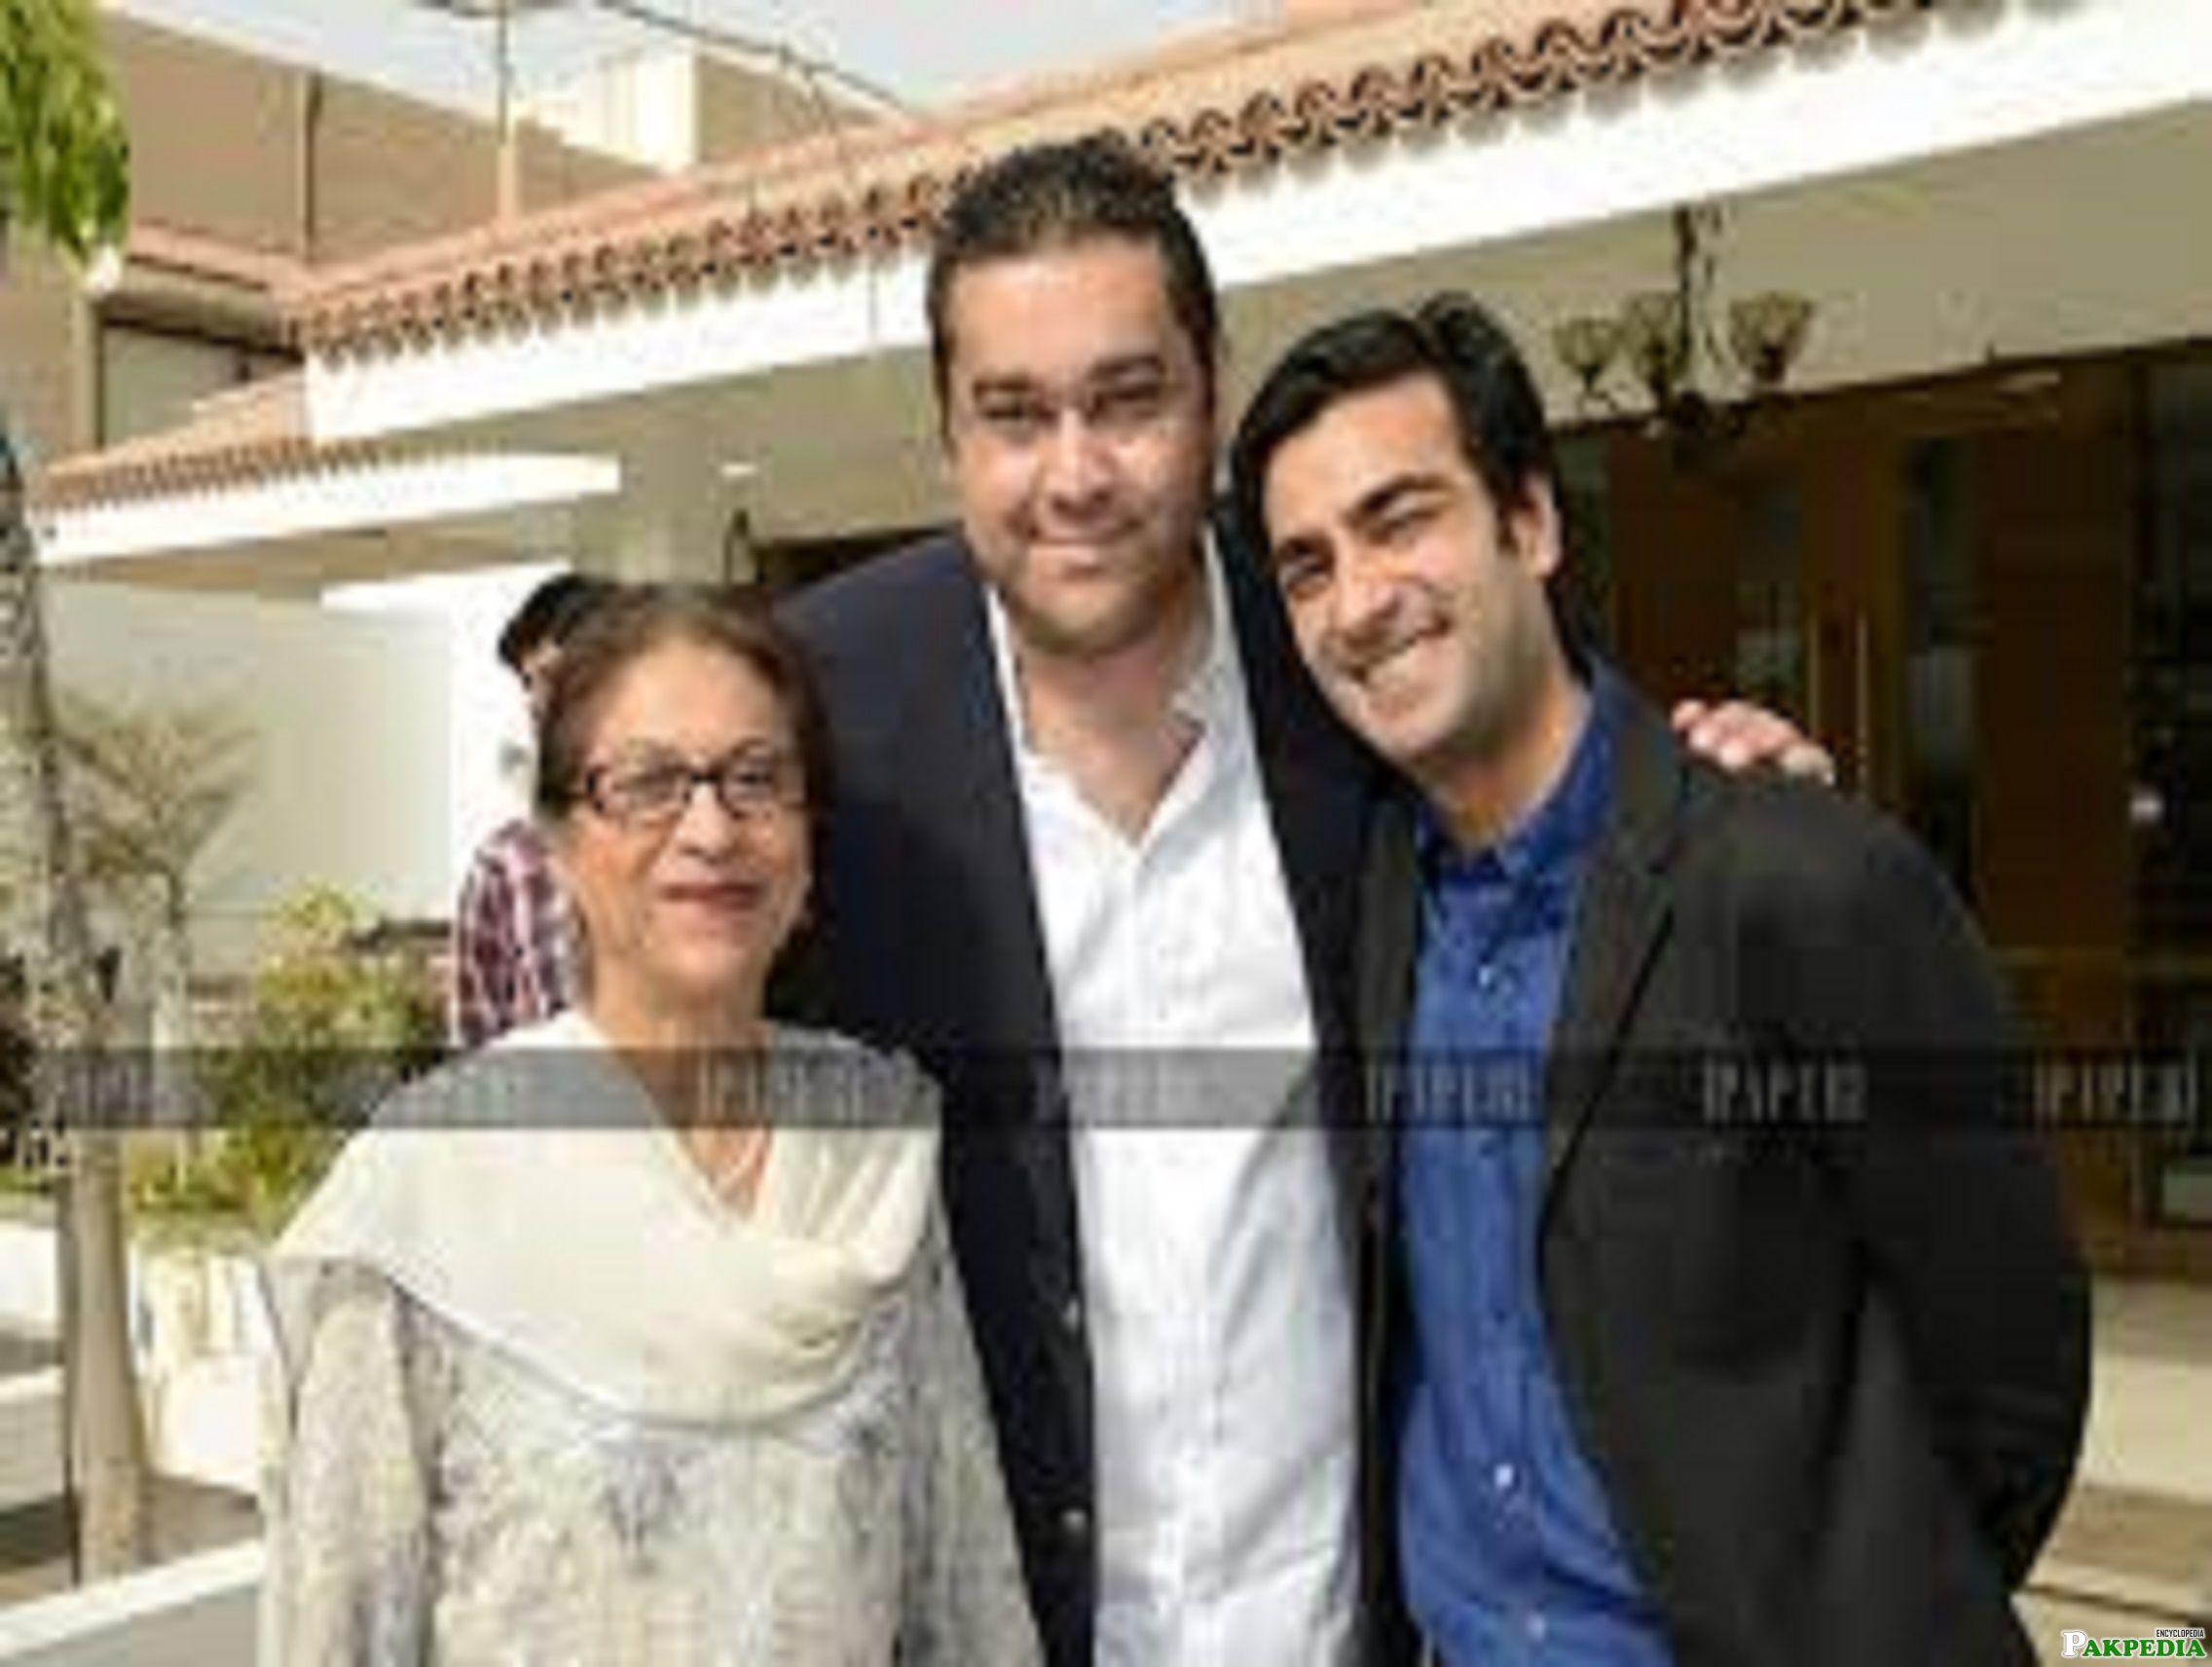 Asma Jehangir, Emaad and Bilal Lakhani